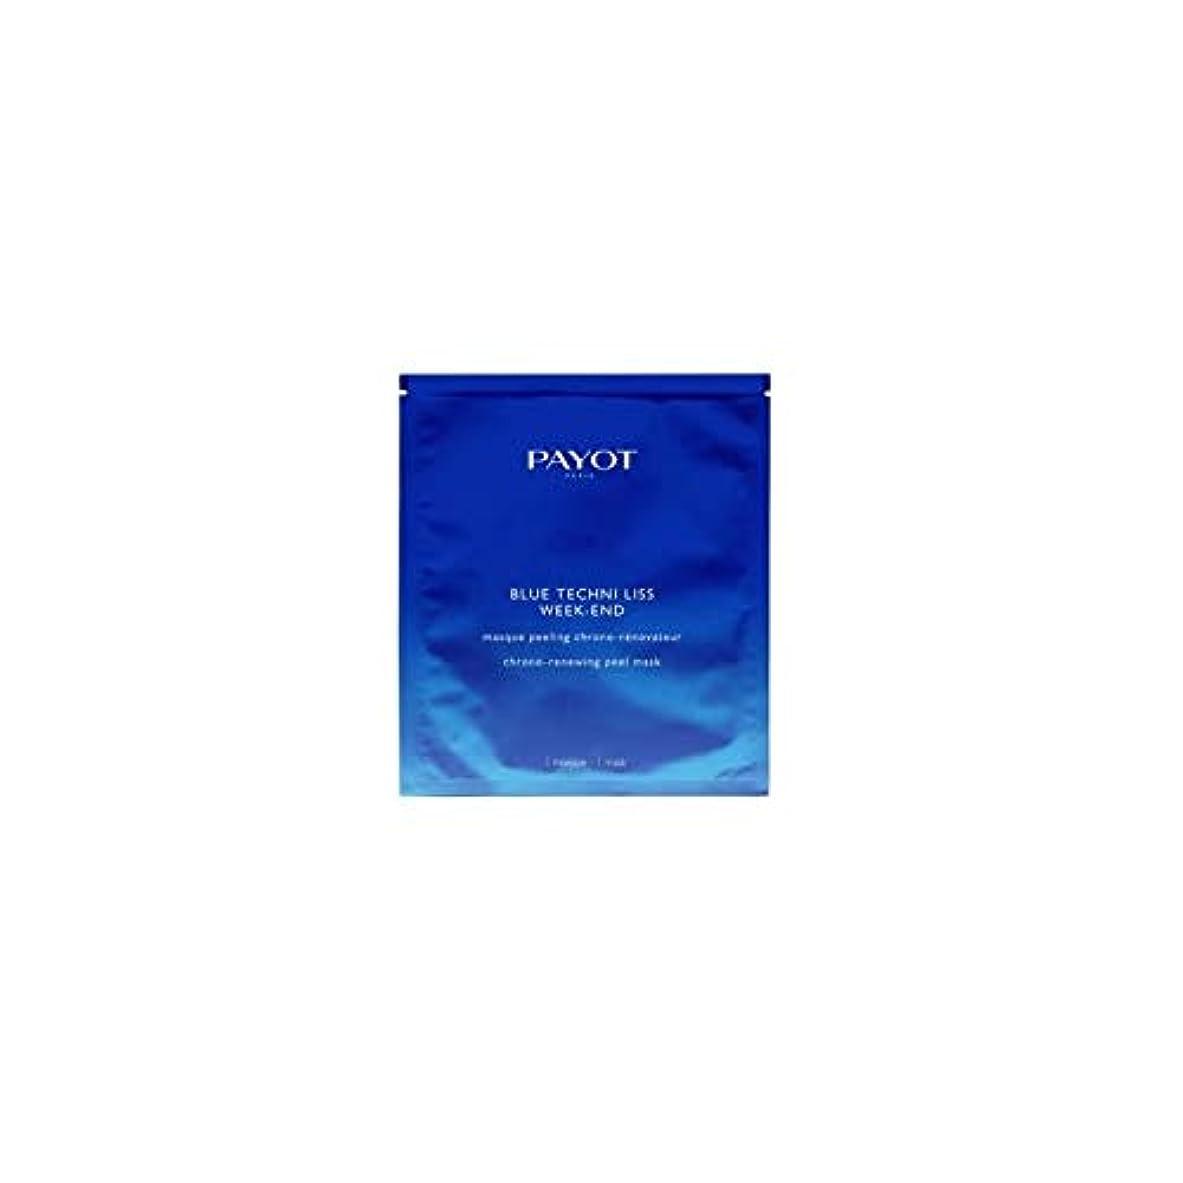 パイヨ Blue Techni Liss Week-End Chrono-Renewing Peel Mask 10pcs並行輸入品